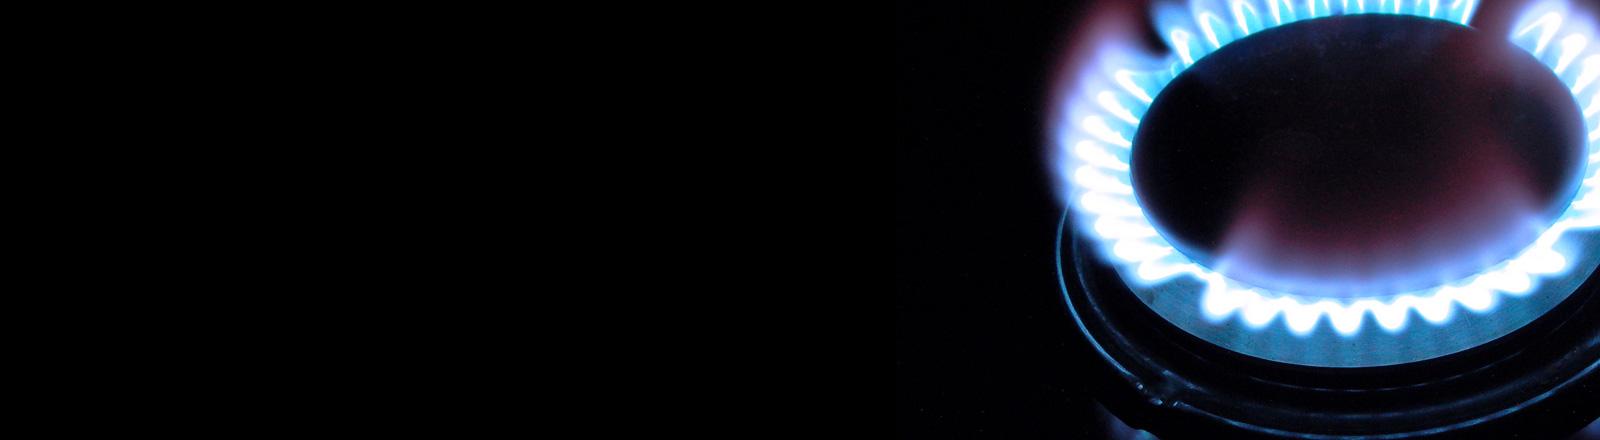 Vor schwarzem Hintergrund leuchtet die Gasflamme eines Herdes.